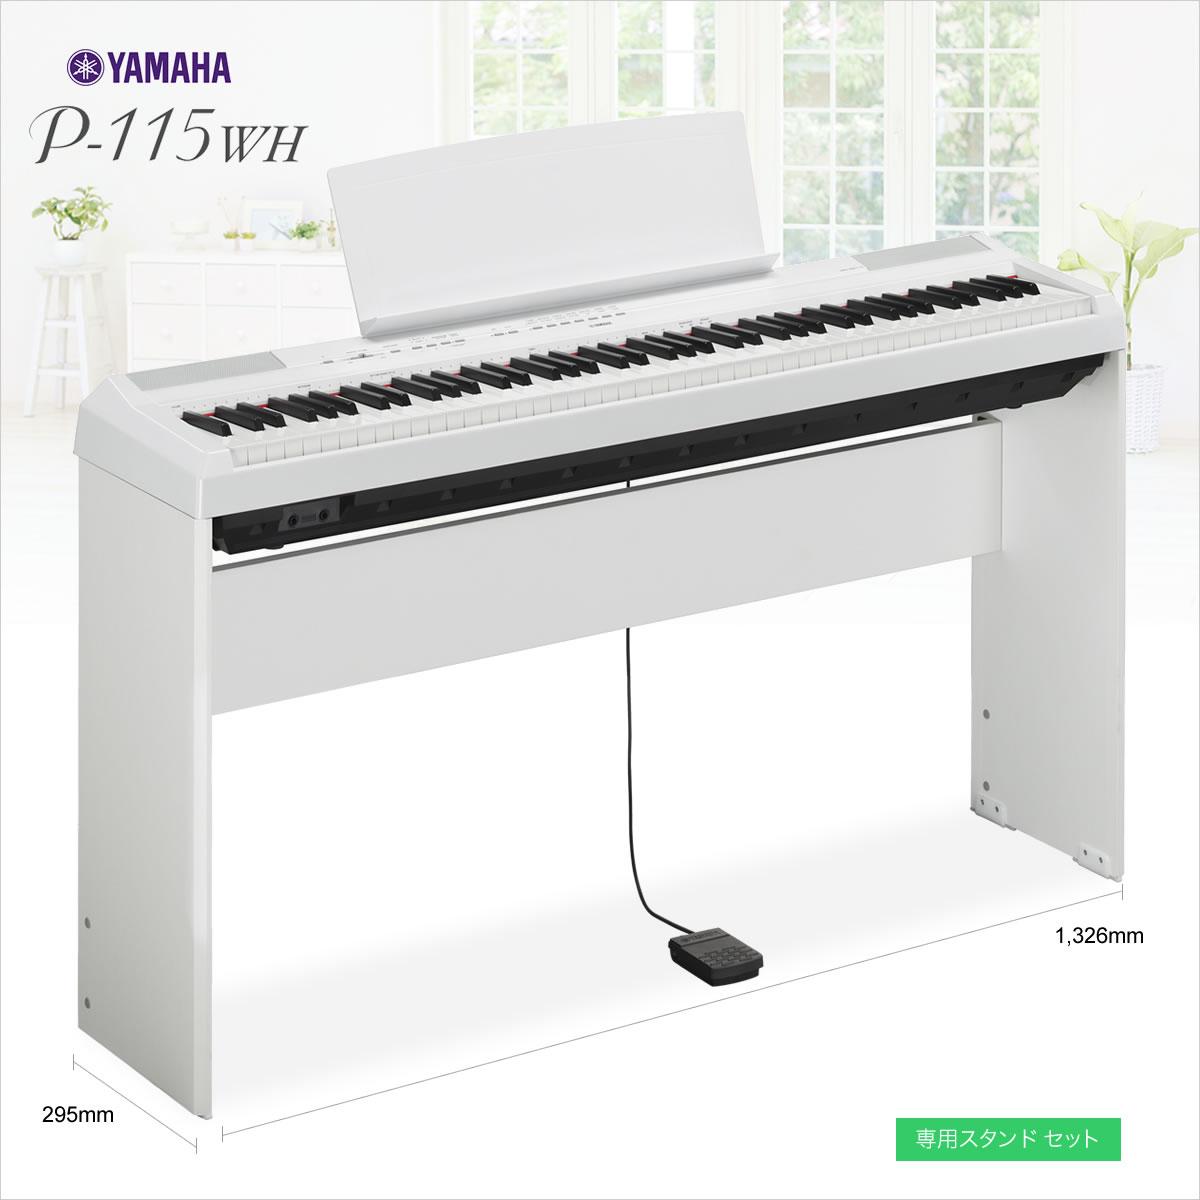 YAMAHA P-115WH ホワイト & 専用スタンドセット 電子ピアノ 88鍵盤 【ヤマハ P115】 【オンライン限定】【別売り延長保証対応プラン:E】